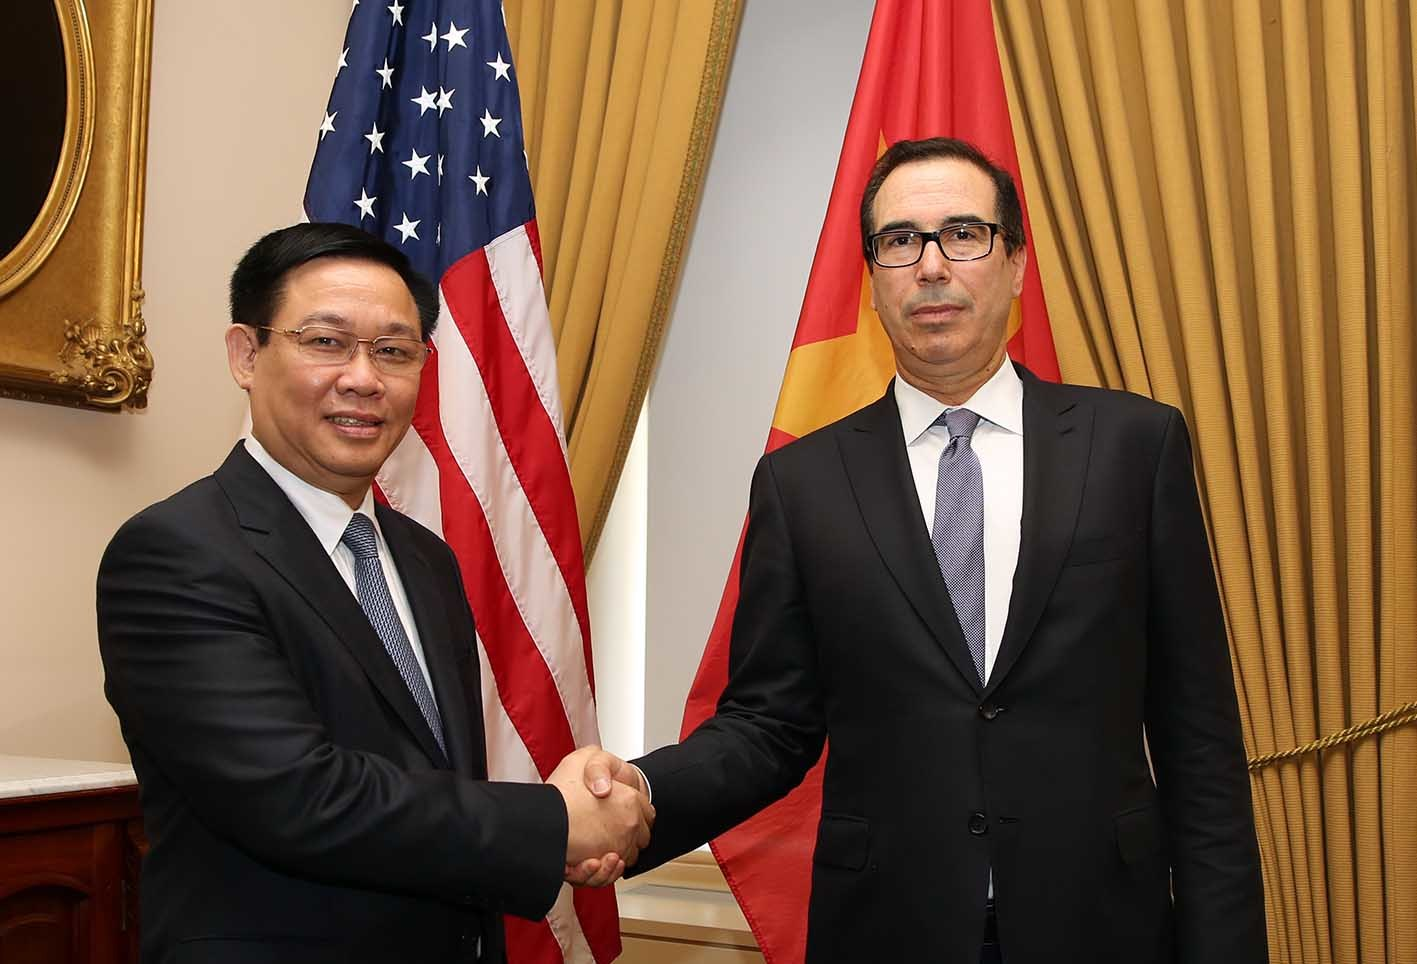 Hoa Kỳ coi trọng quan hệ hợp tác toàn diện với Việt Nam